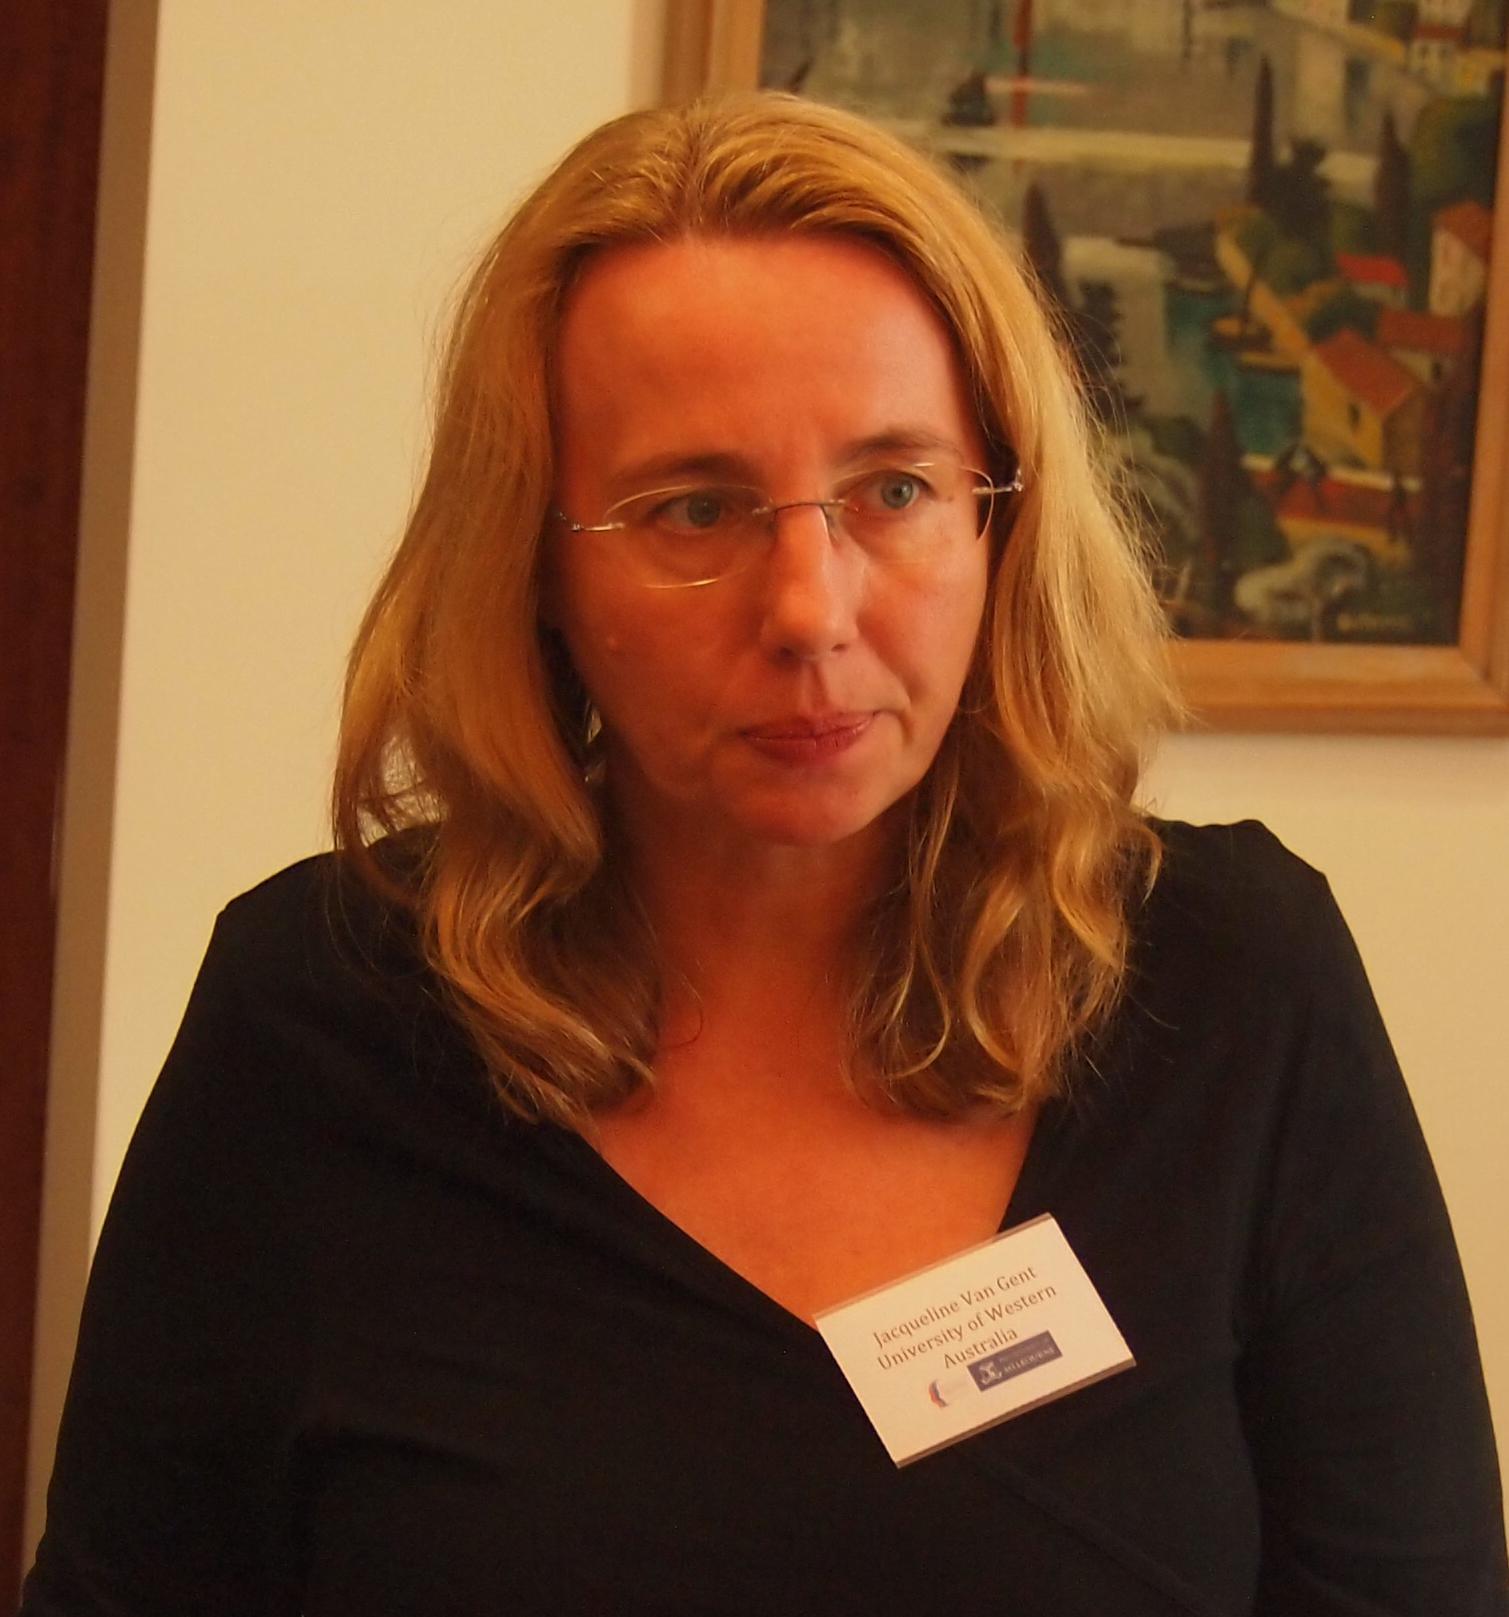 Jacqueline Van Gent